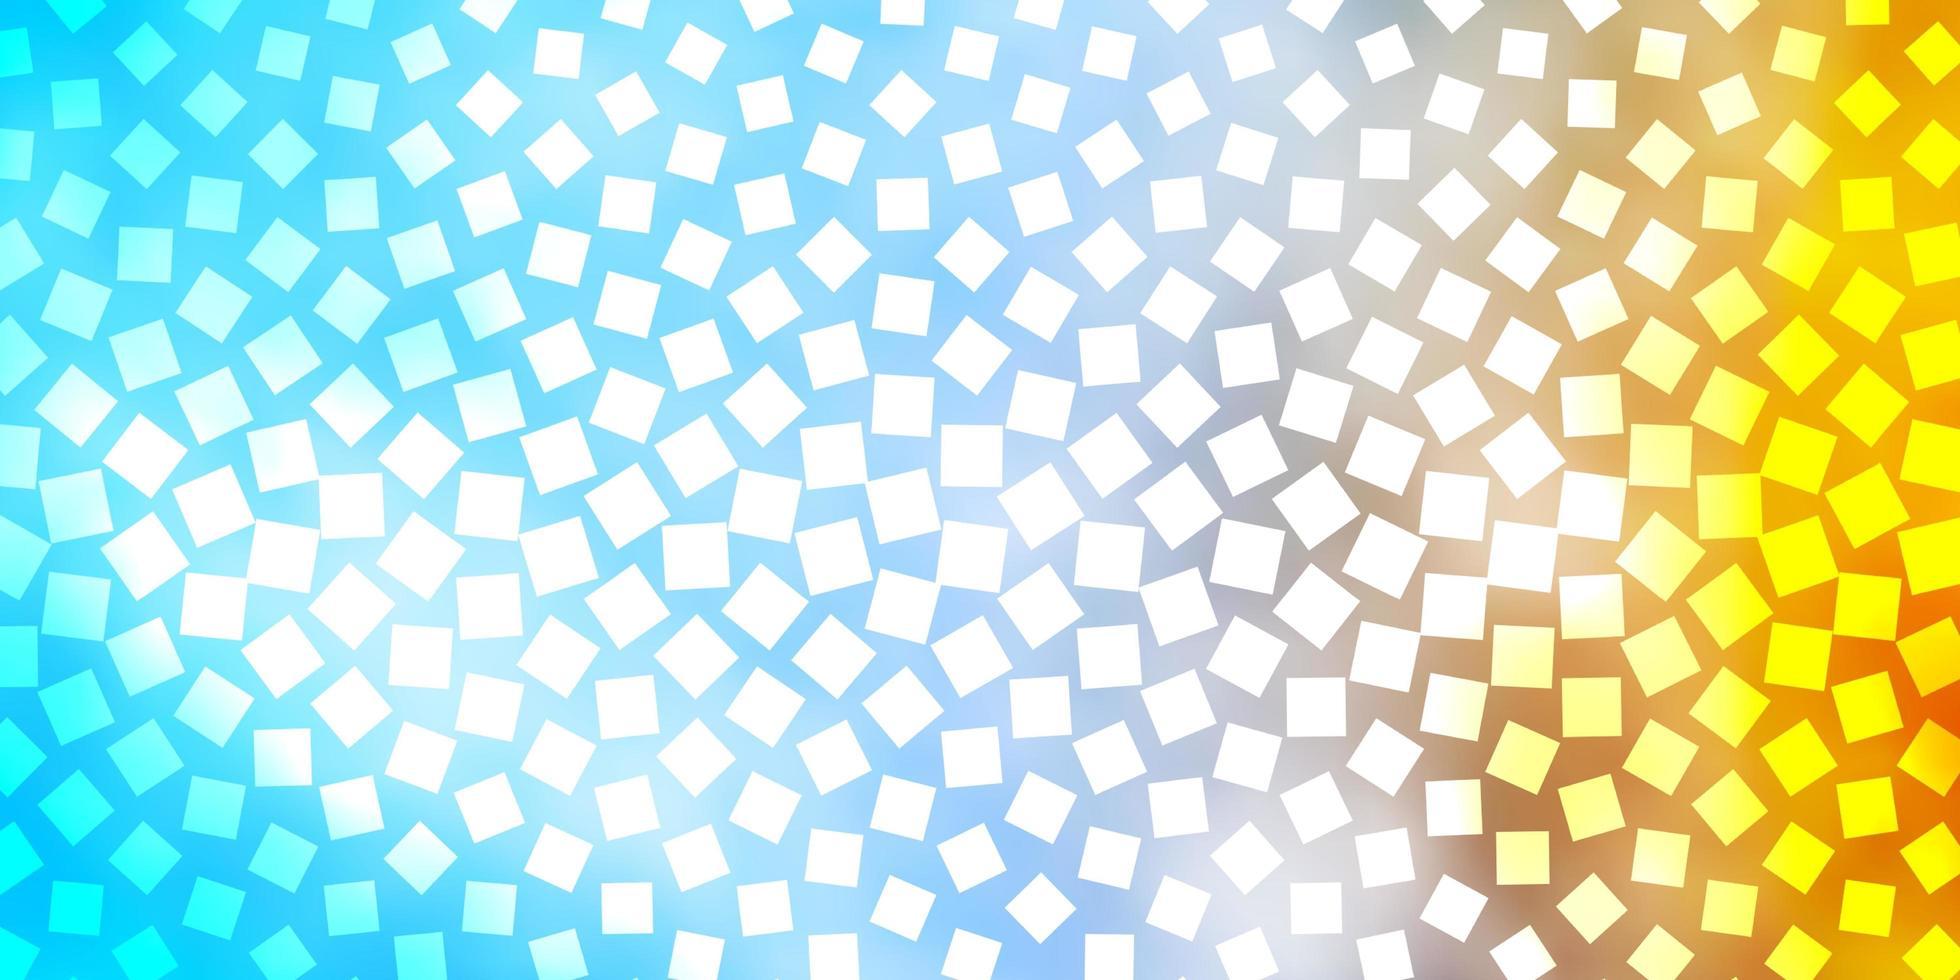 modèle vectoriel bleu clair, jaune dans un style carré.